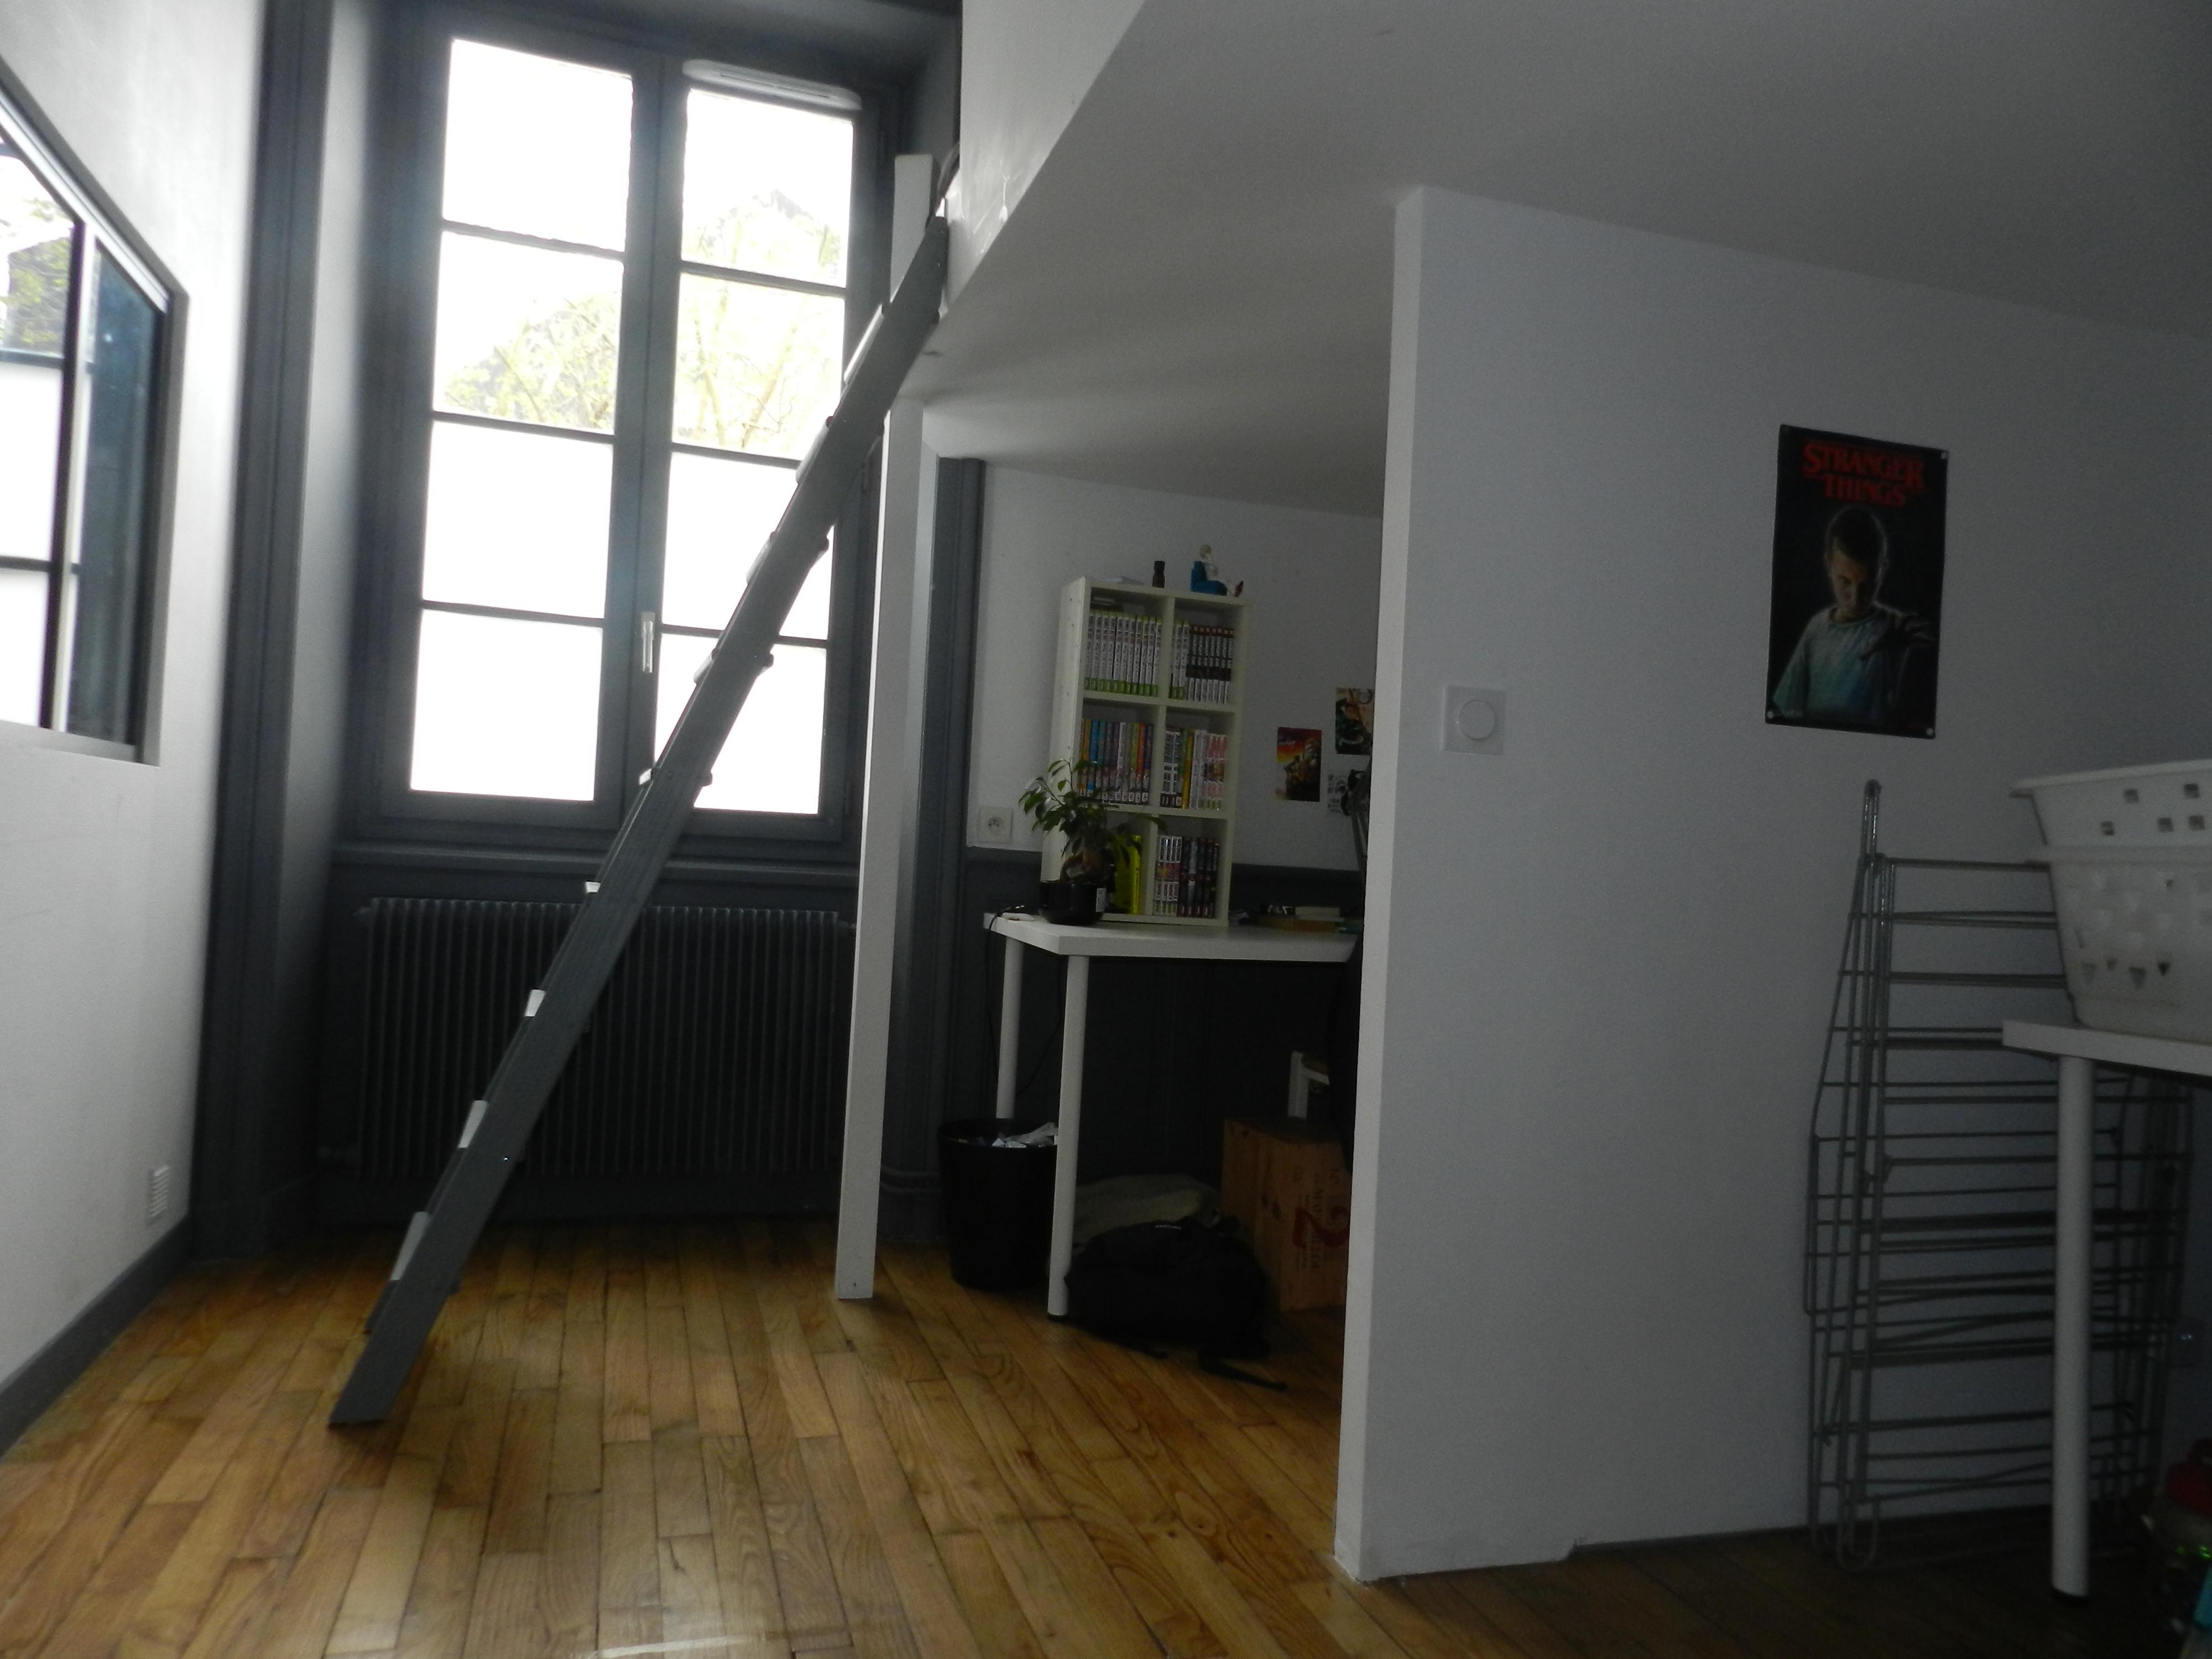 Maison pour le prix d un appartement - Photo 2